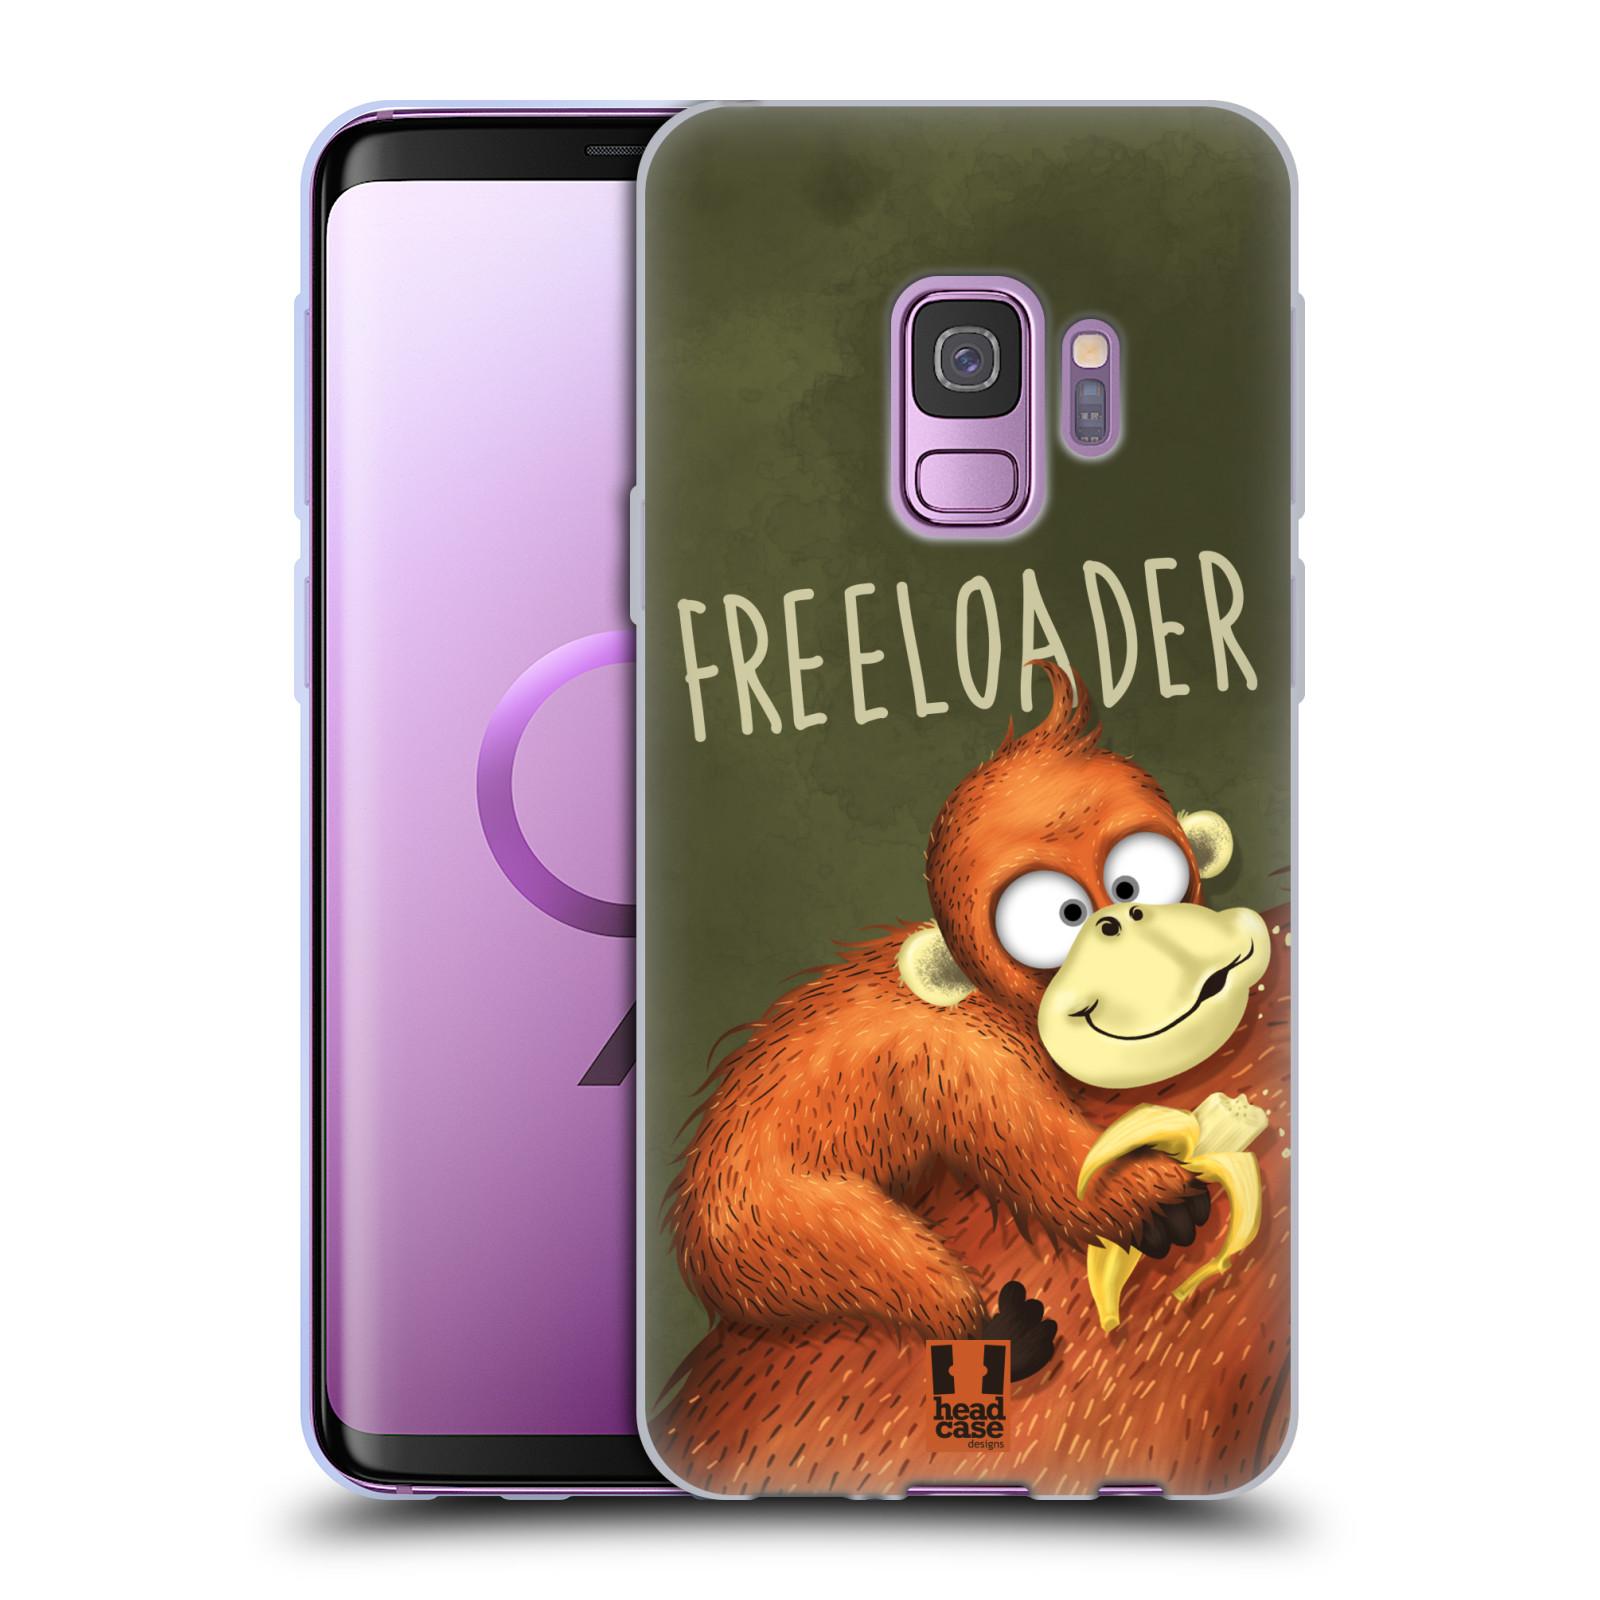 Silikonové pouzdro na mobil Samsung Galaxy S9 - Head Case - Opičák Freeloader